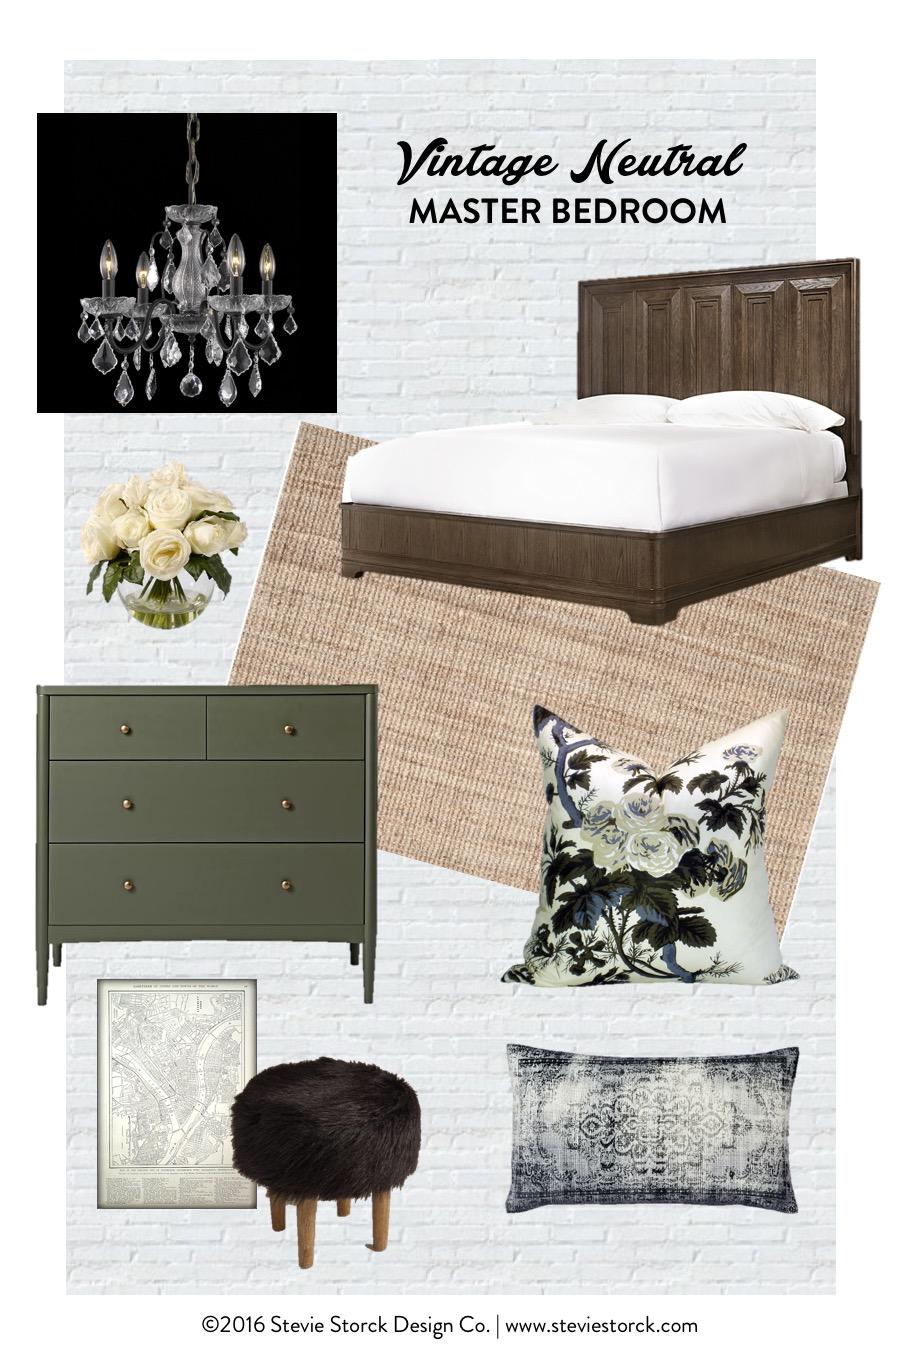 New Master Bedroom Design Orc Week Two Stevie Storck Design Co